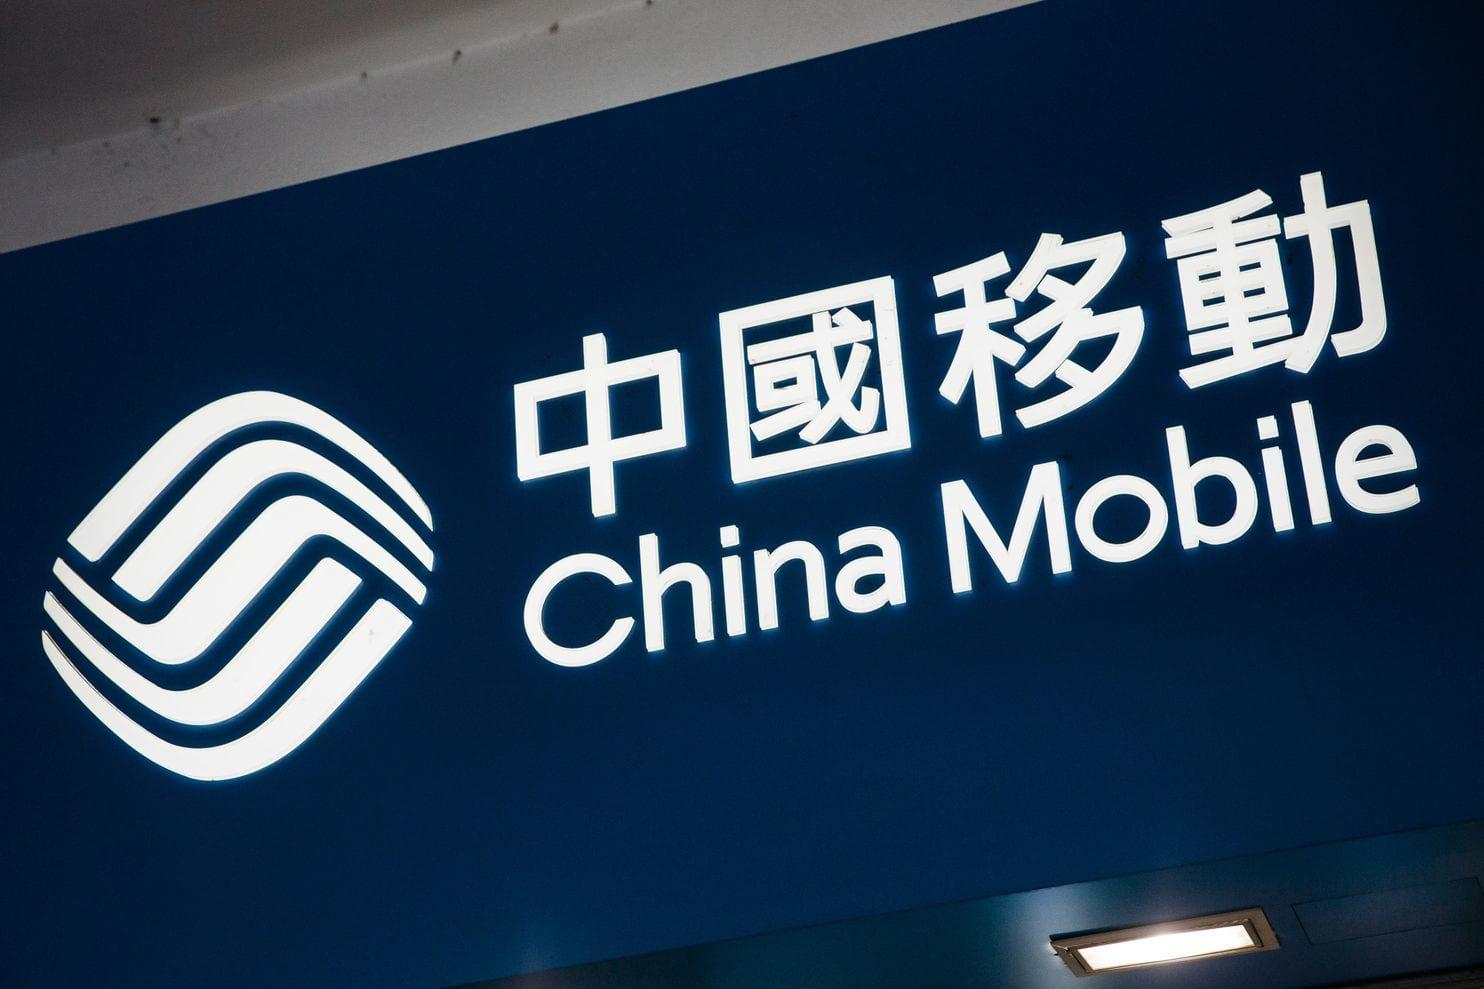 中国移动回应 FCC 拒发牌照:望美国政府公平对待赴美投资企业